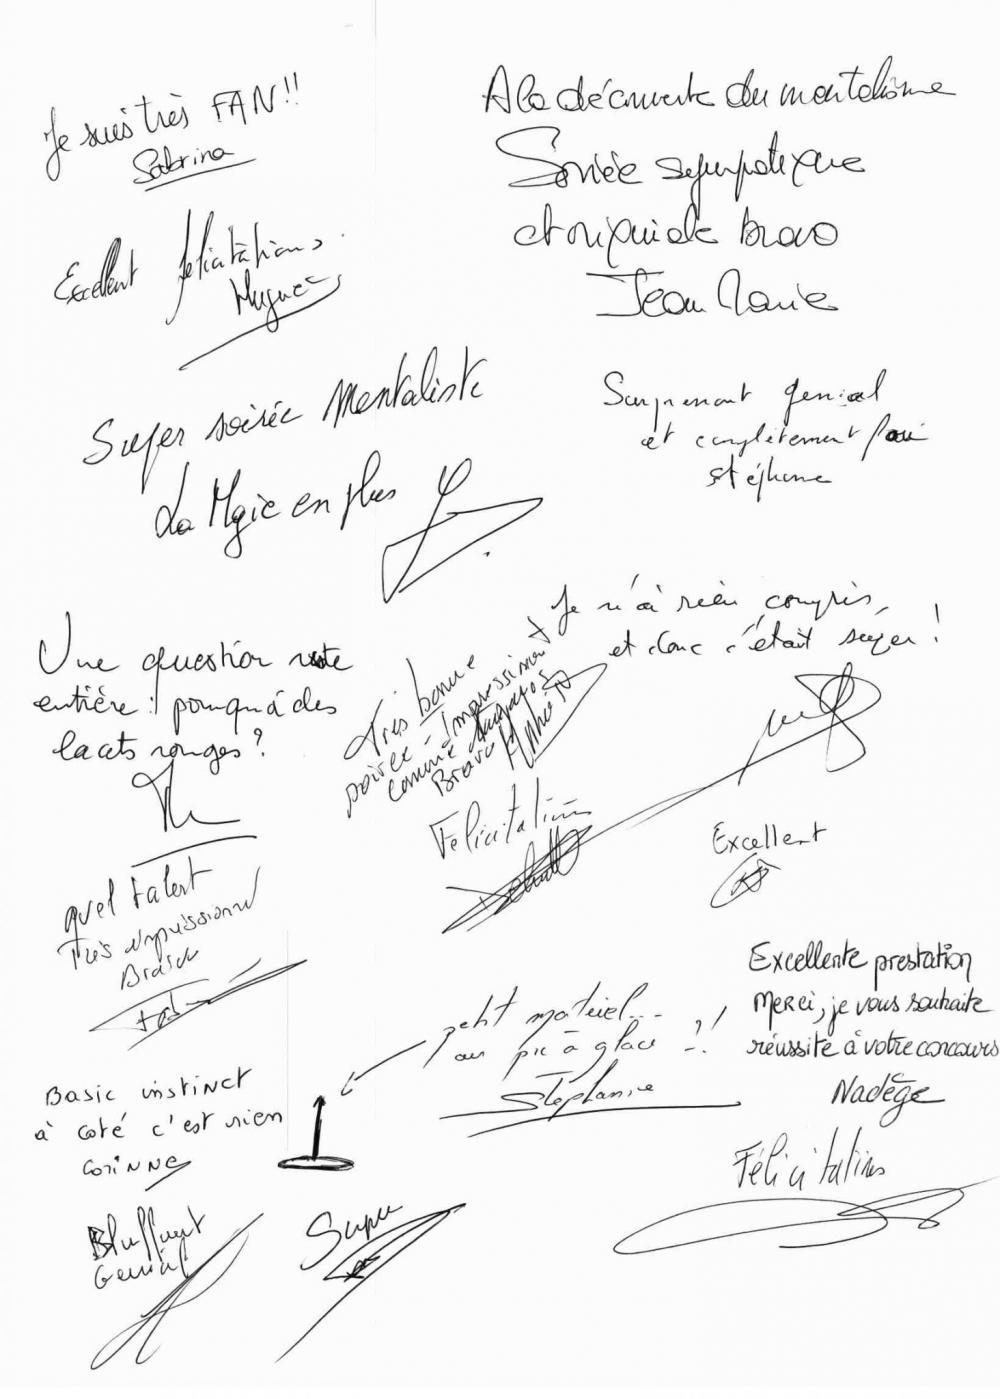 Critiques sur un magicien mentaliste à Clairefontaine FFF pour la societe DIELNA